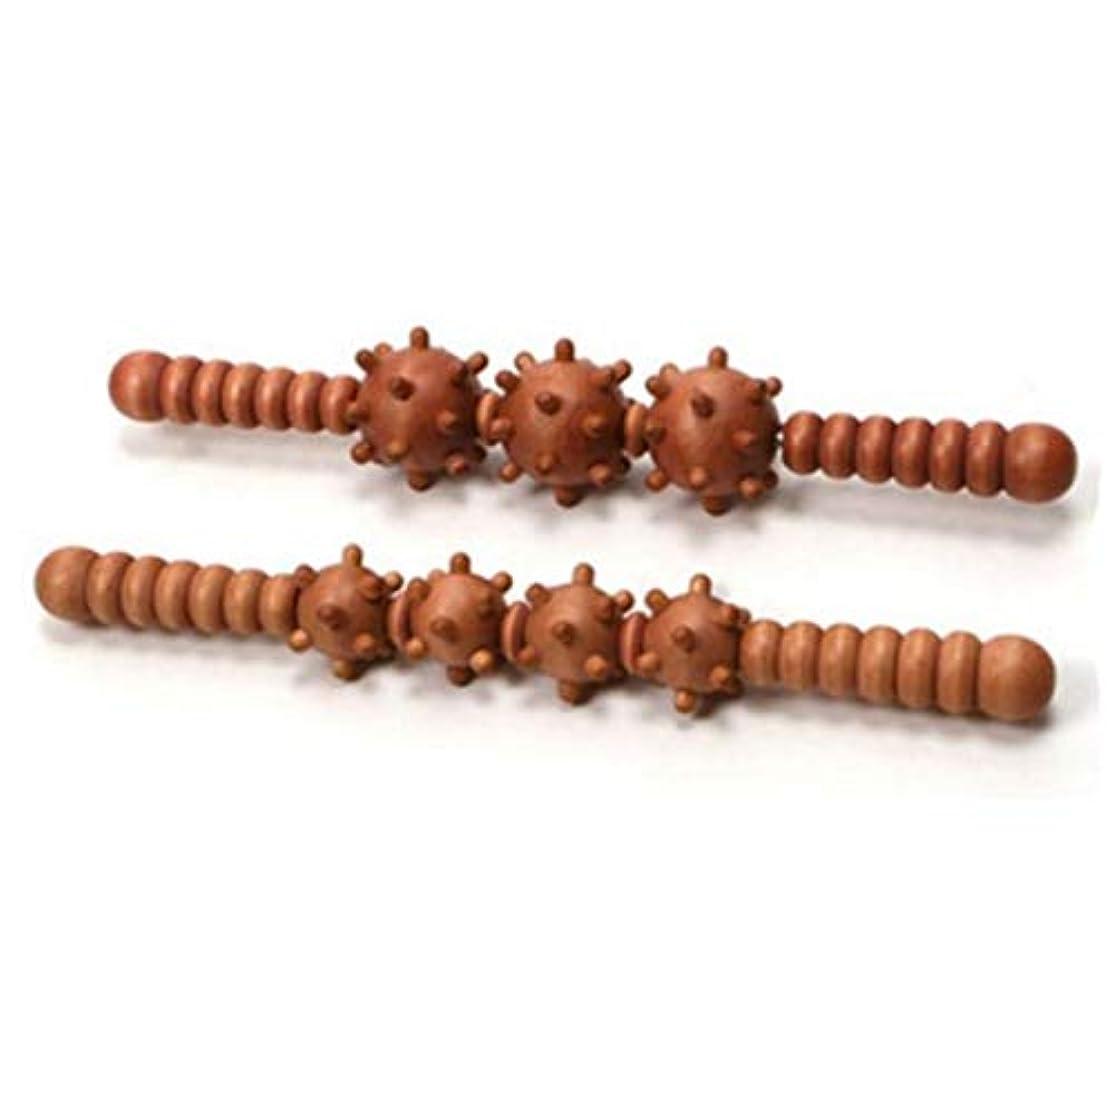 ホール知る課すKEM 筋膜とセルライトリムーバー腹部腹部マッサージトリガーポイントマッサージスティックボール Fascia and Cellulite Remover Abdomen Belly Massage Trigger Point Massager Stick Balls [並行輸入品]